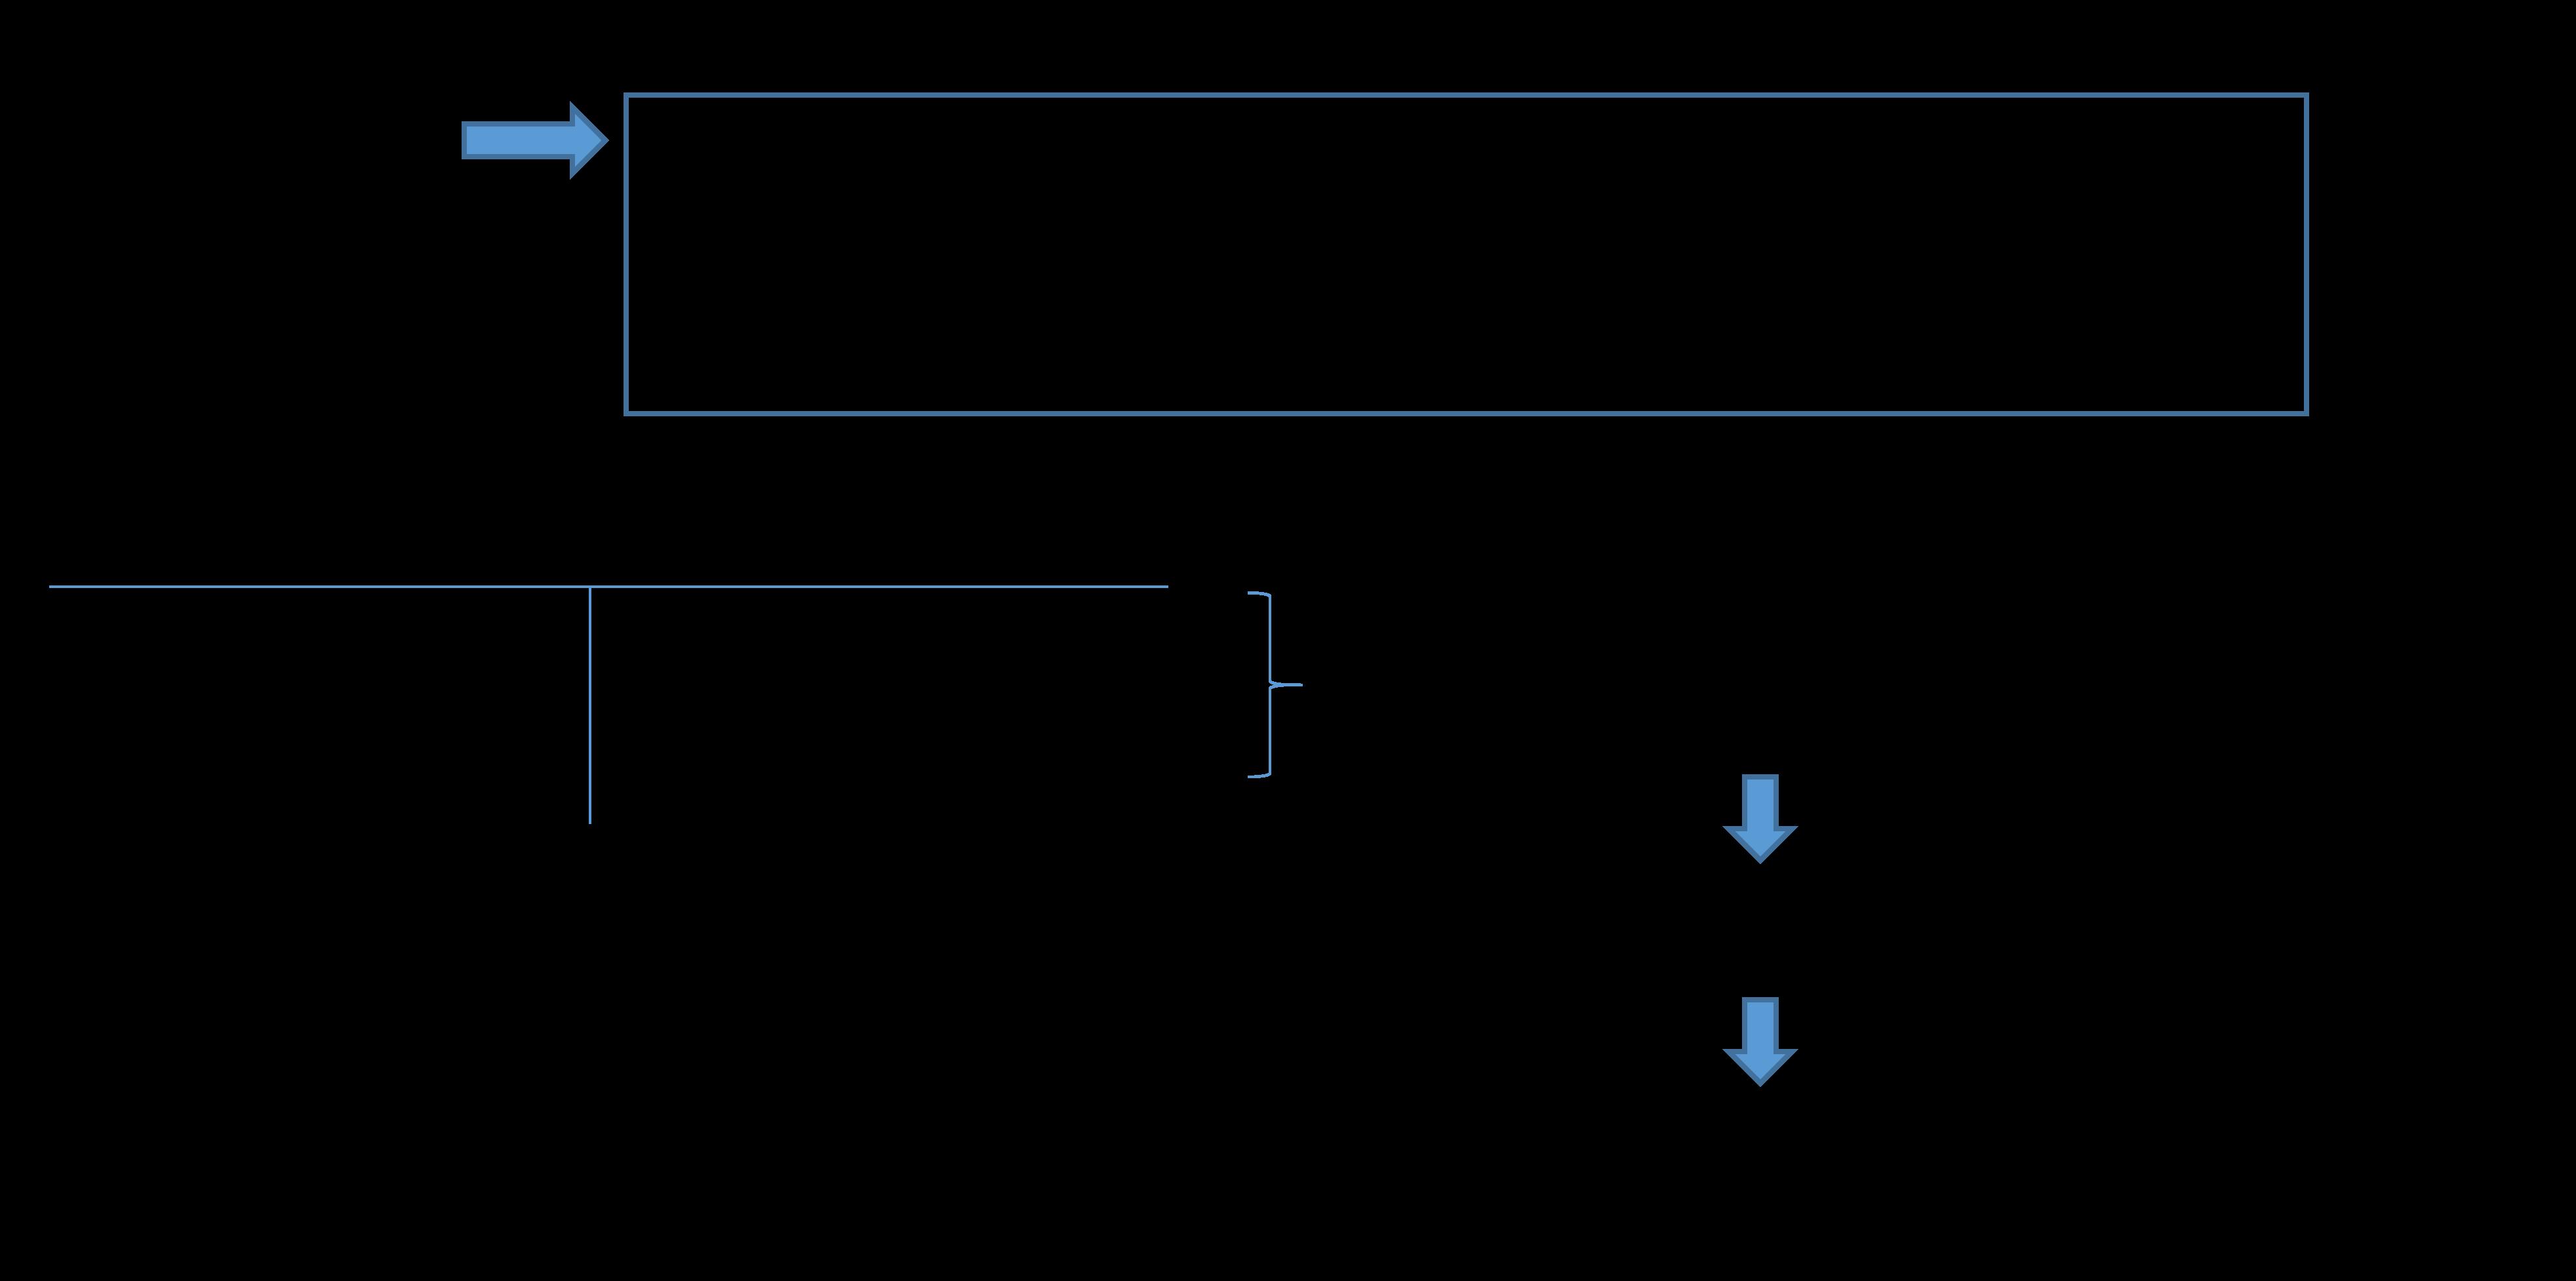 11-2. 経過勘定の試験対策